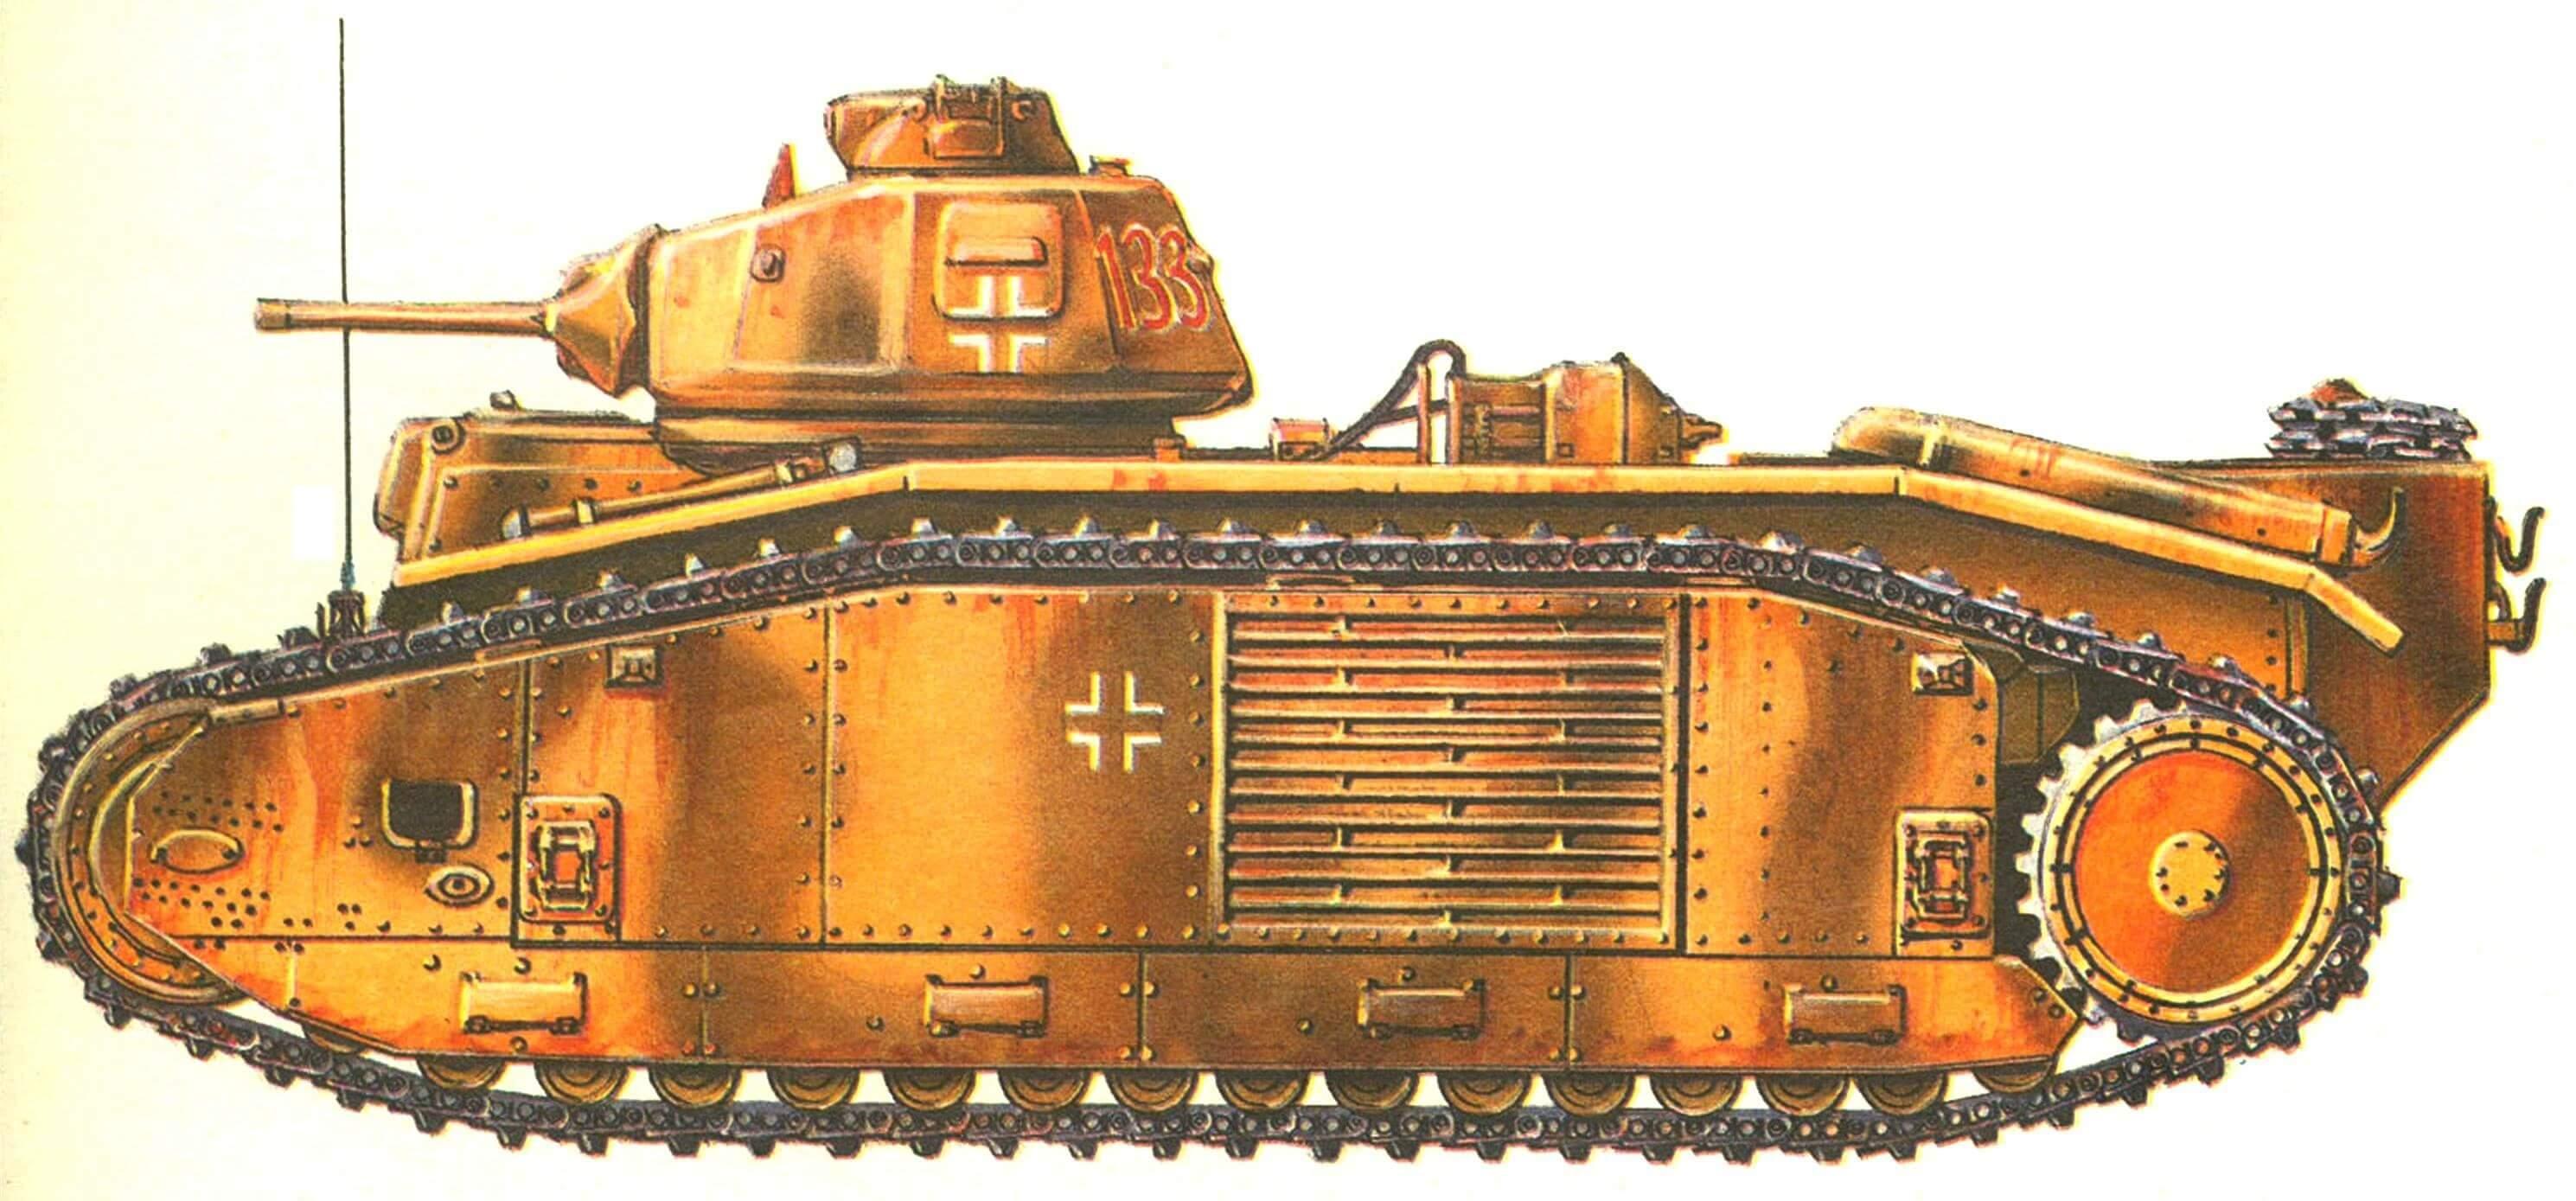 Огнеметный танк B1bis. 213-й танковый батальон (Pz.Abt.213). Нормандия, 1944 г.